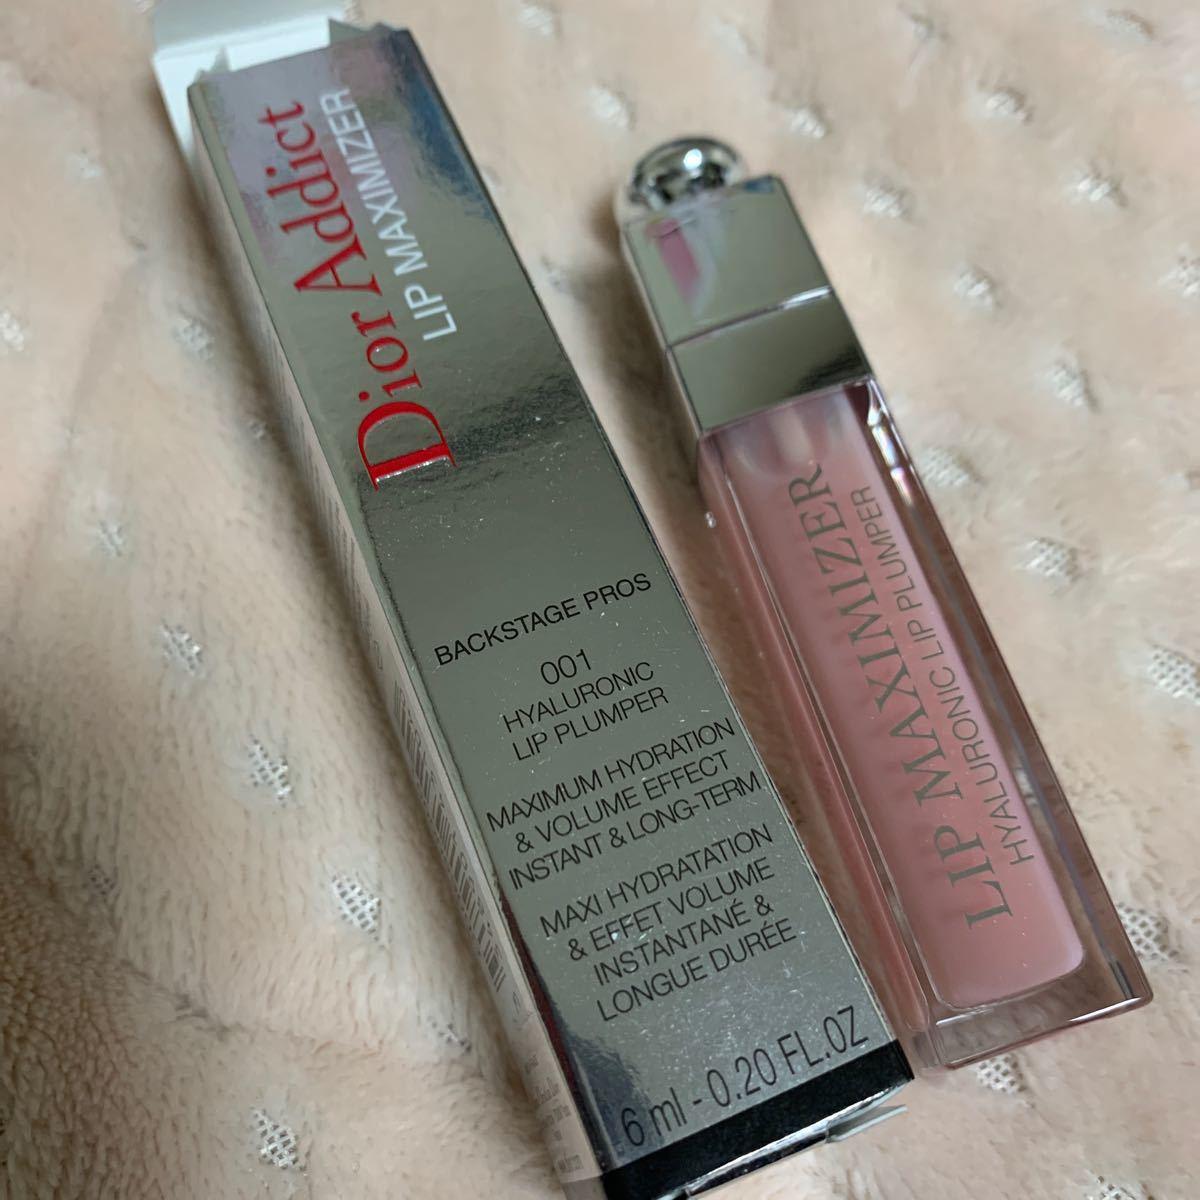 ディオールアディクトリップ マキシマイザー クリスチャンディオール リップグロス Dior